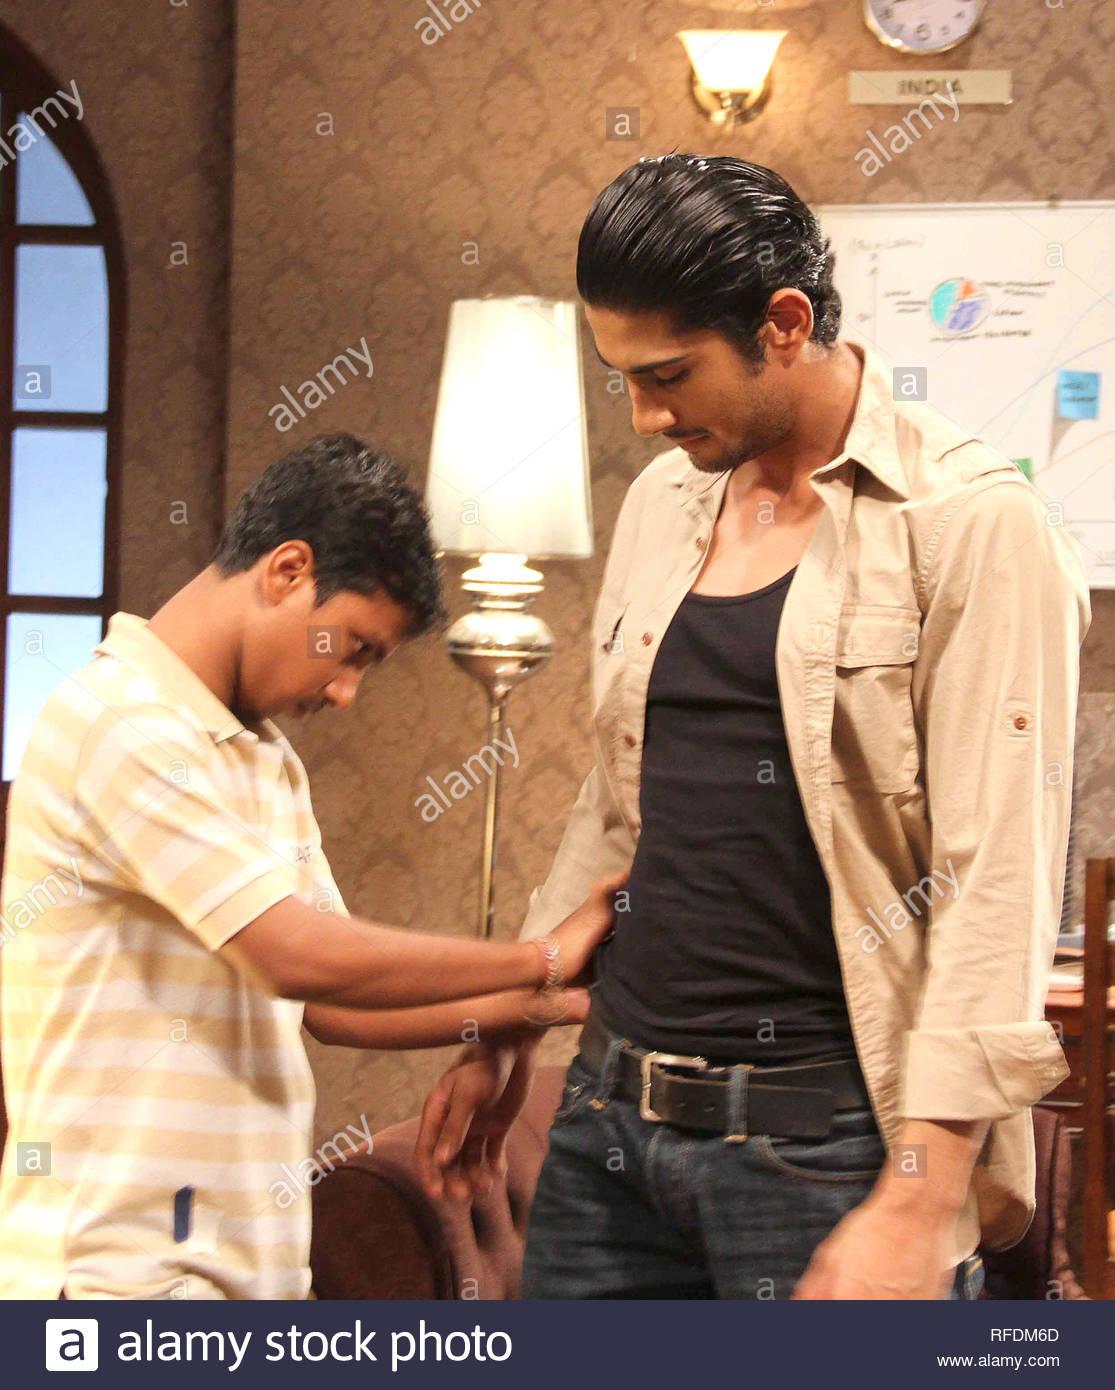 Bollywood Schauspieler Prateik Babbar während der Promotion